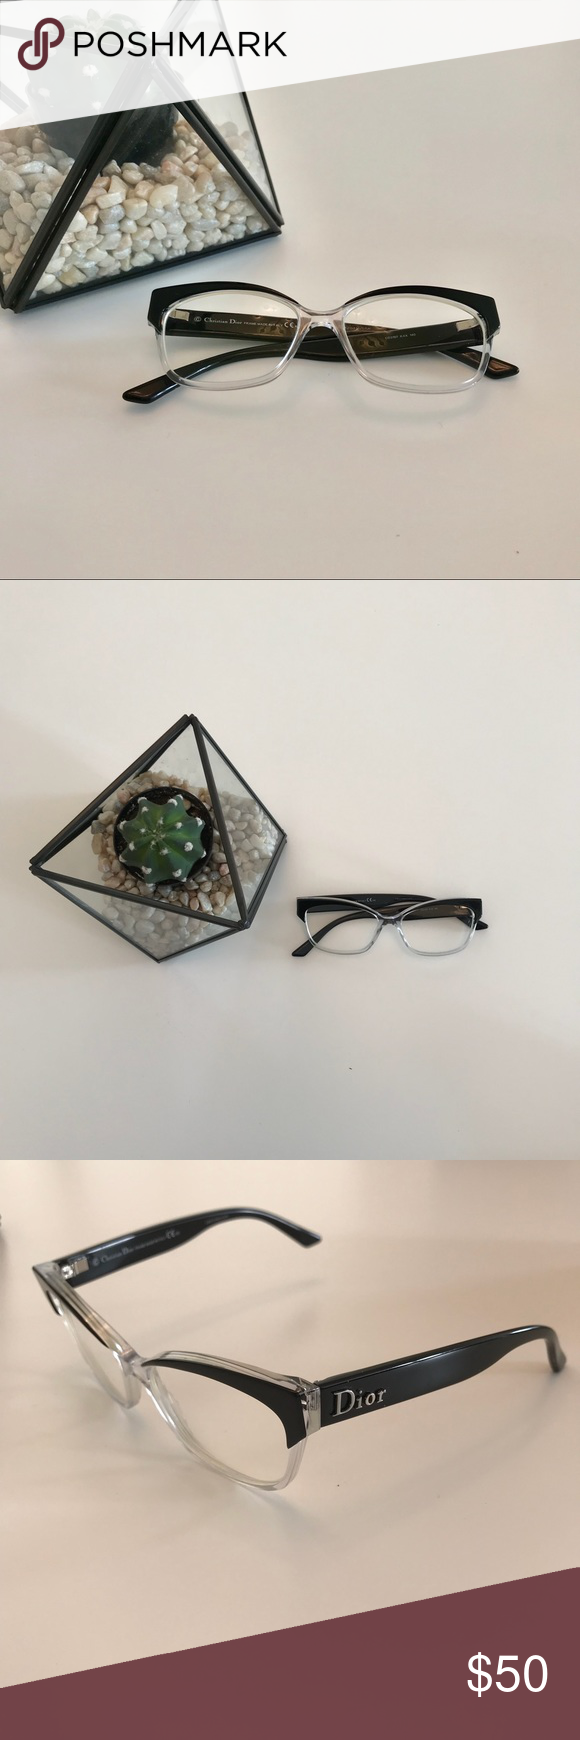 10bef43546 Crystals · Dior 3197 Eyeglasses Black ...